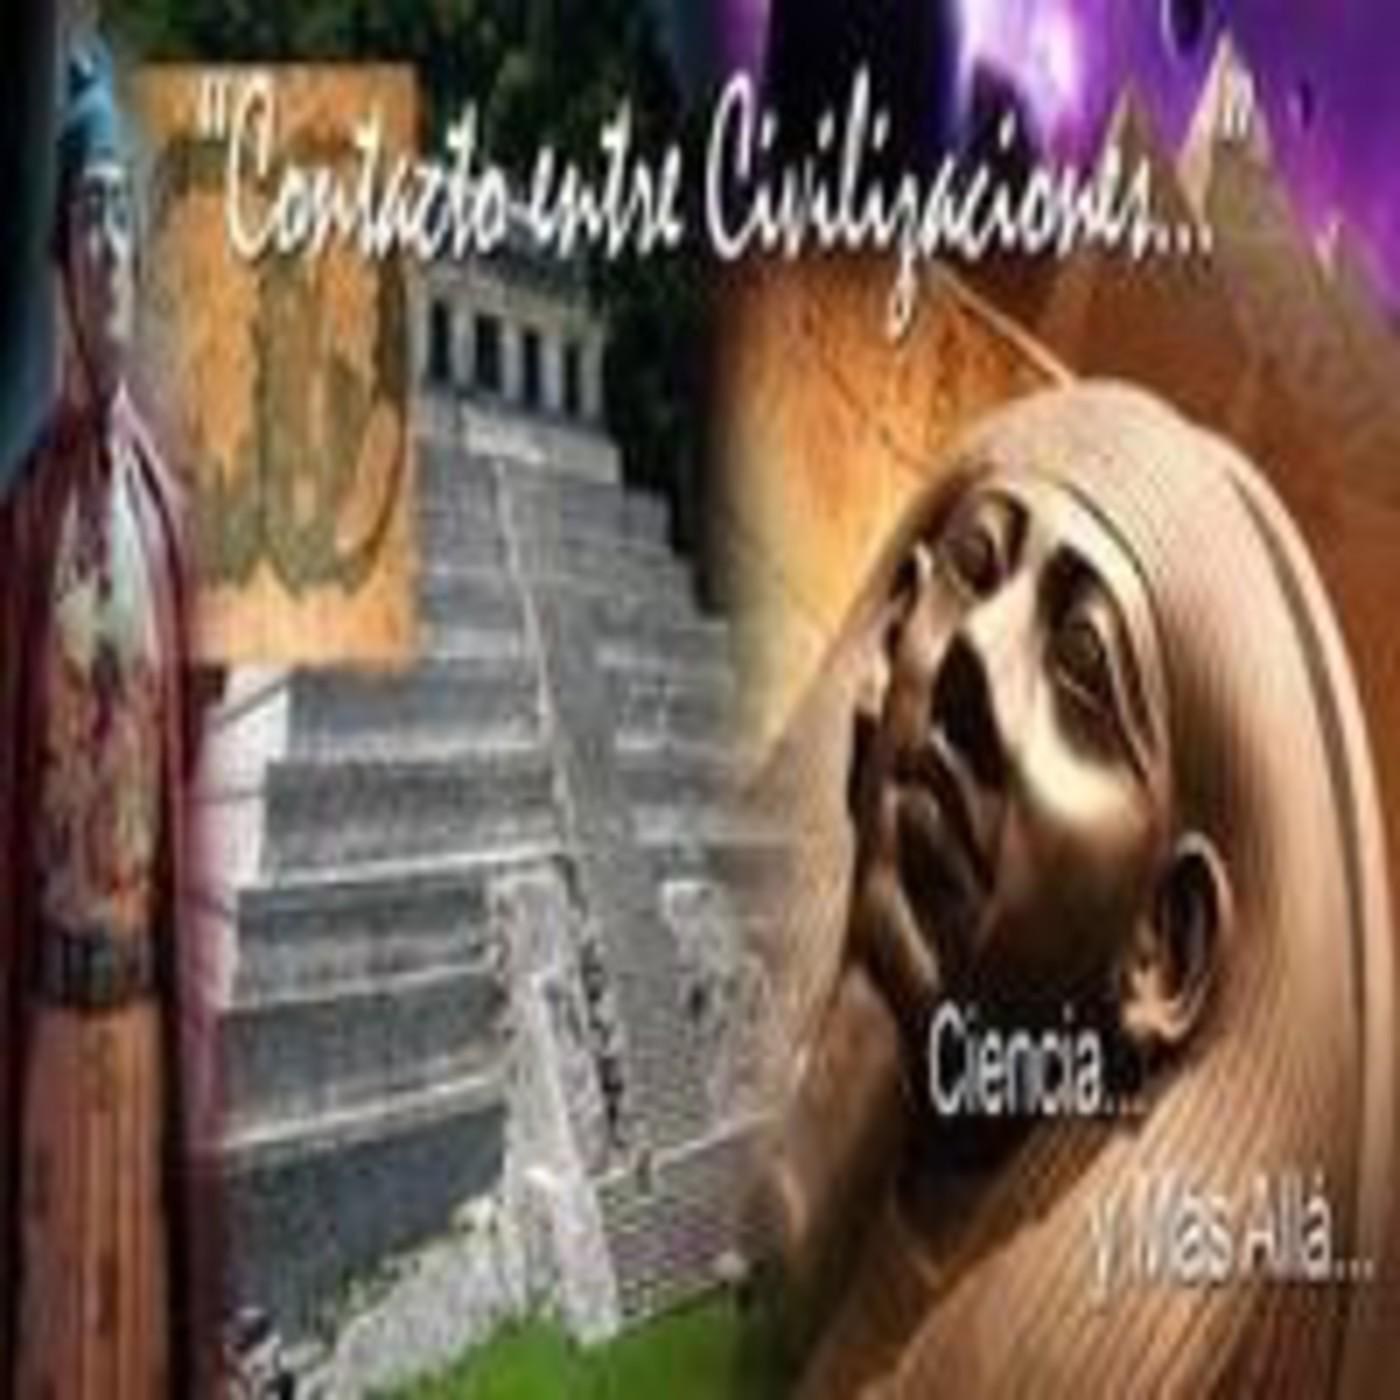 CIENCIA Y MÁS ALLÁ (Radio Cantillana): Contacto transoceánico entre civilizaciones